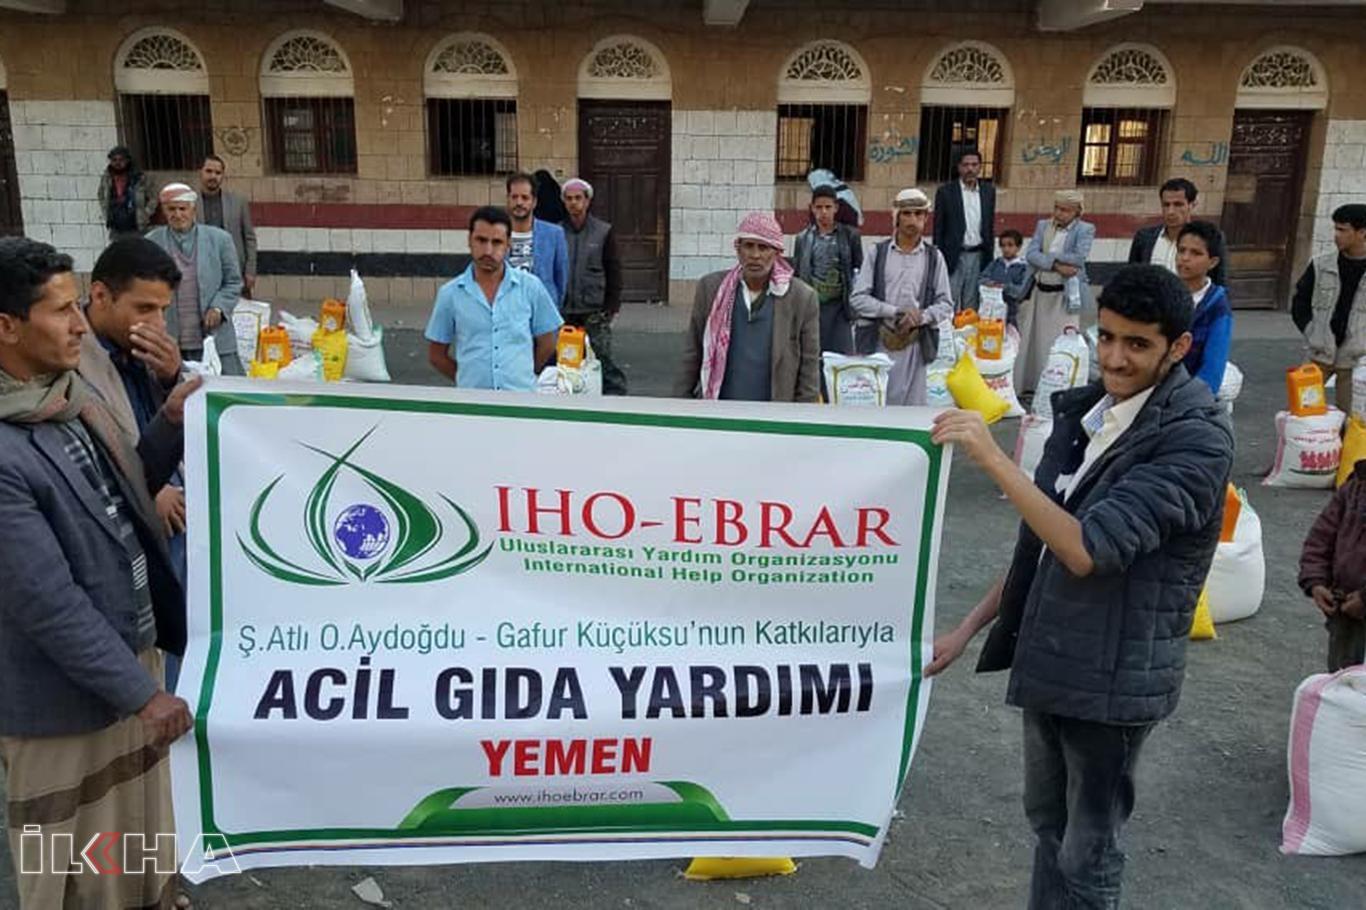 IHO EBRAR'ın Yemen'e yönelik yardımları devam ediyor